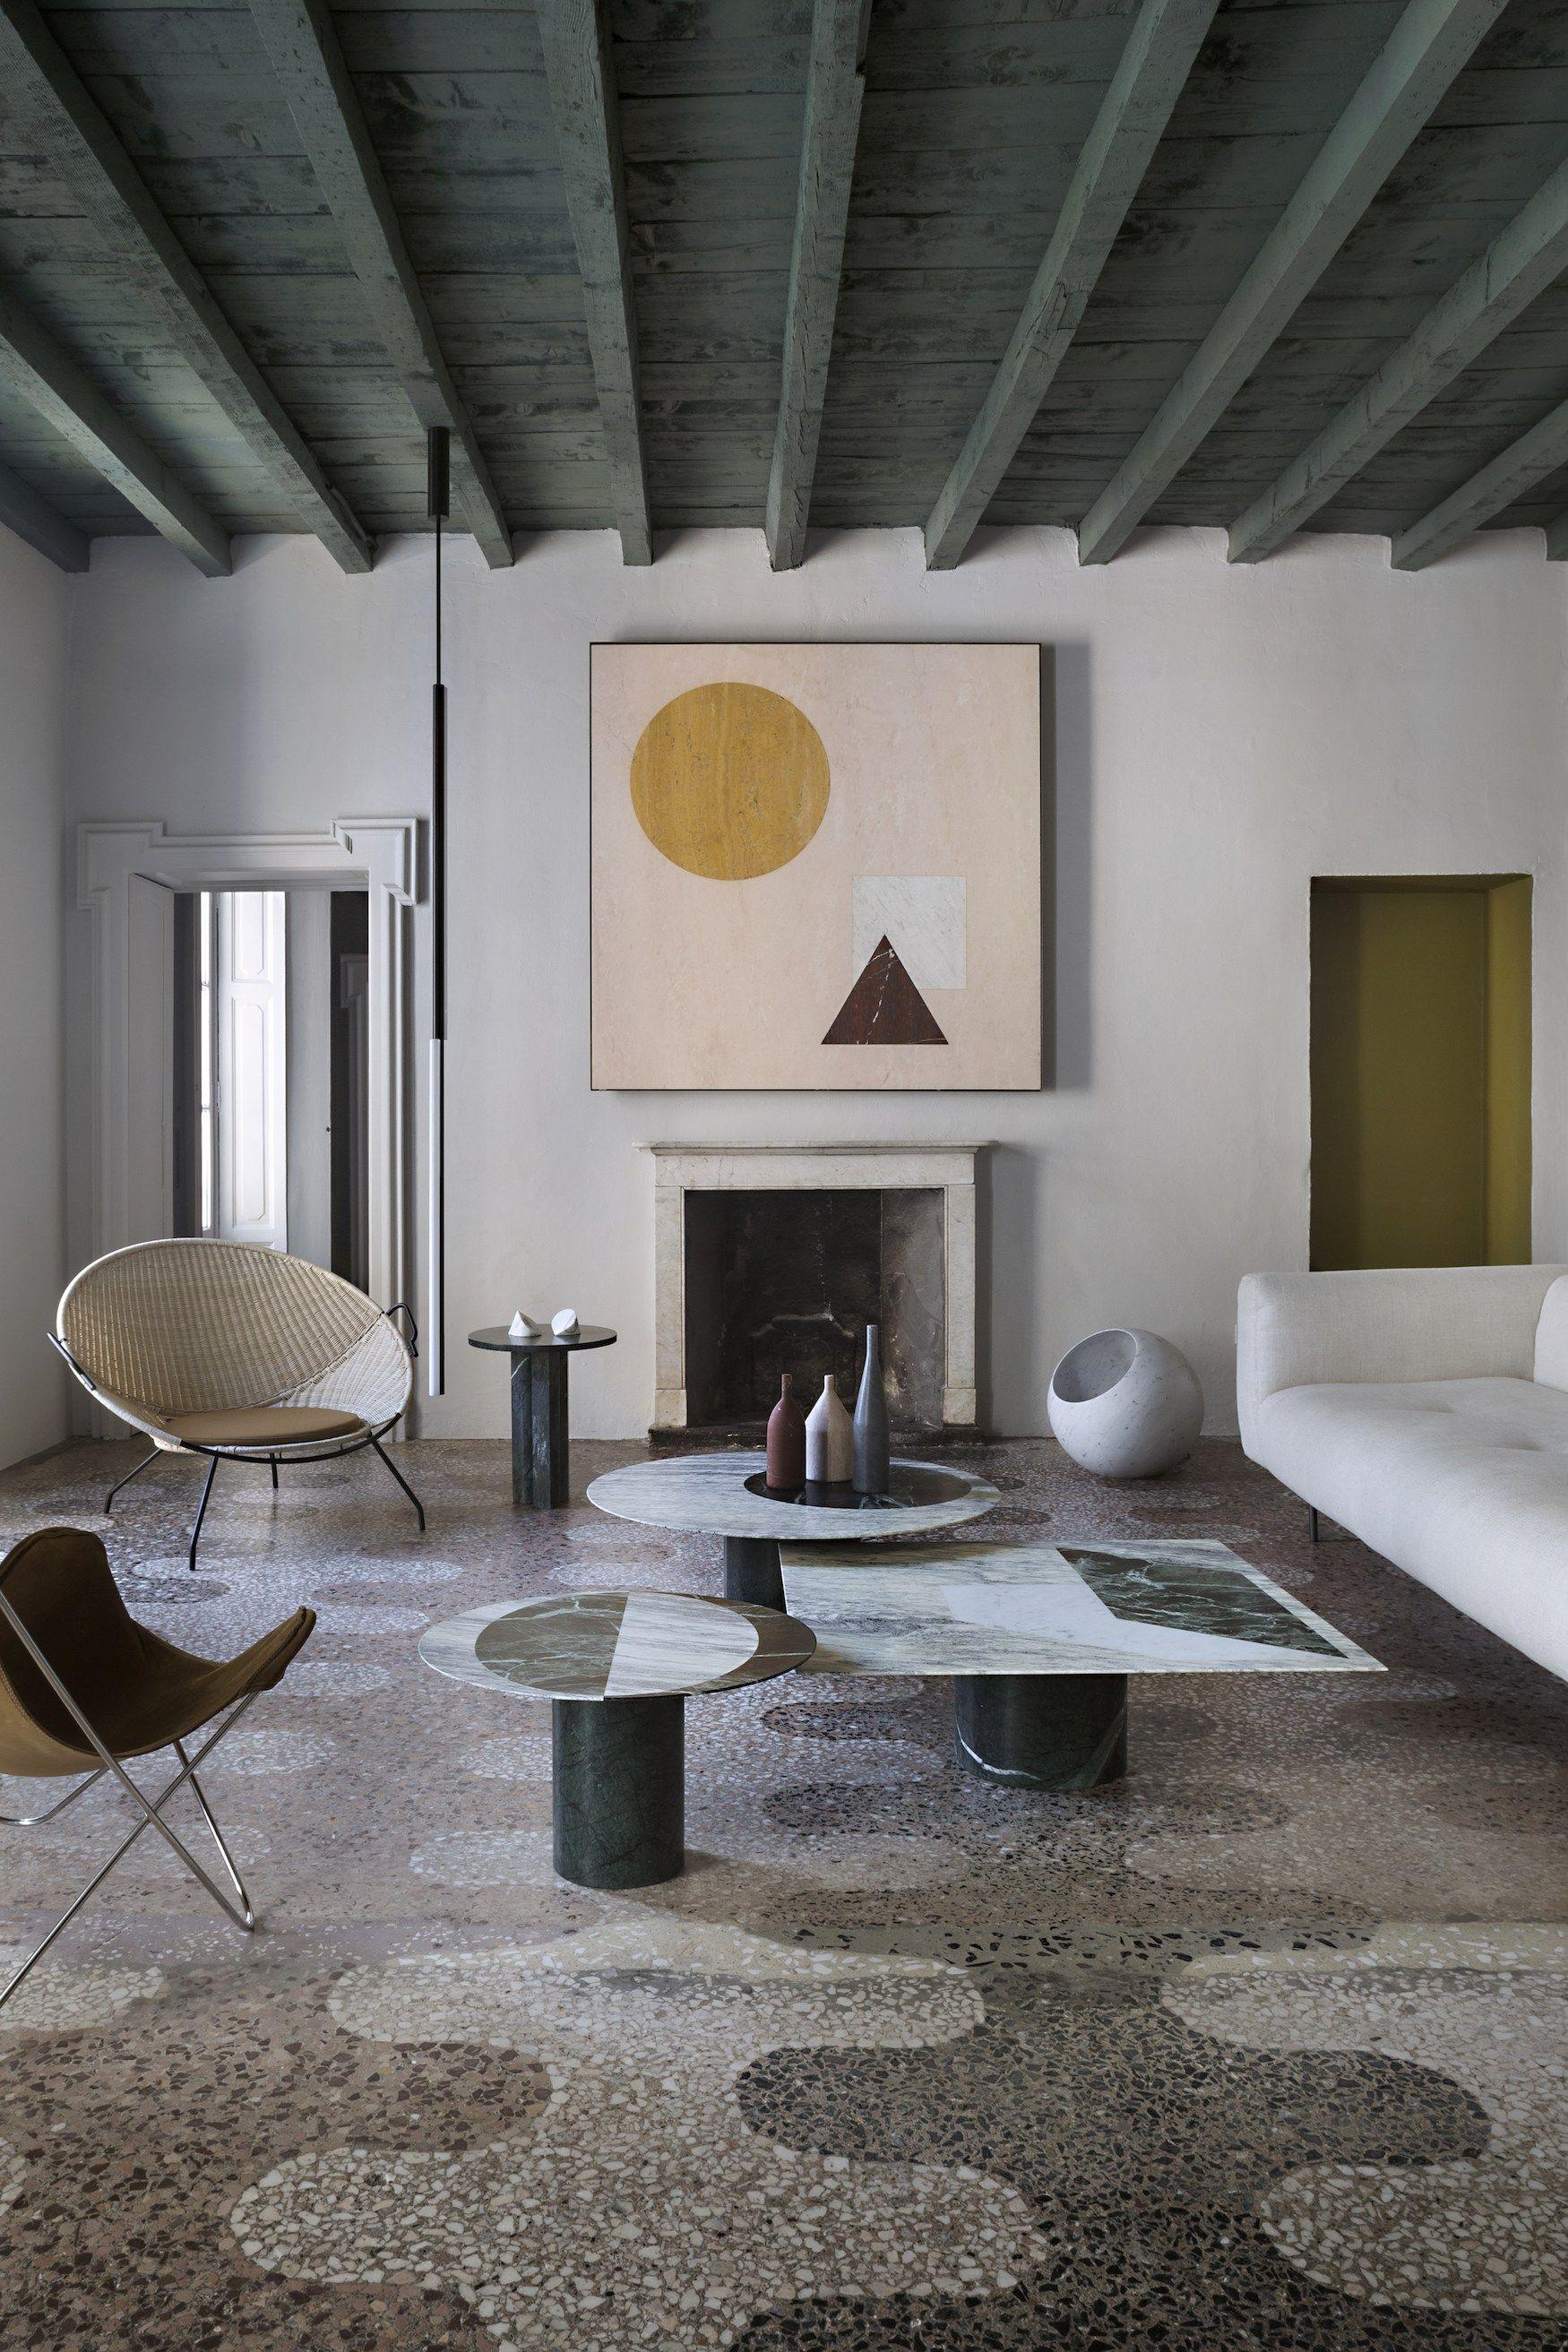 Marble play at casa salvatori in milan coco lapine designcoco lapine design